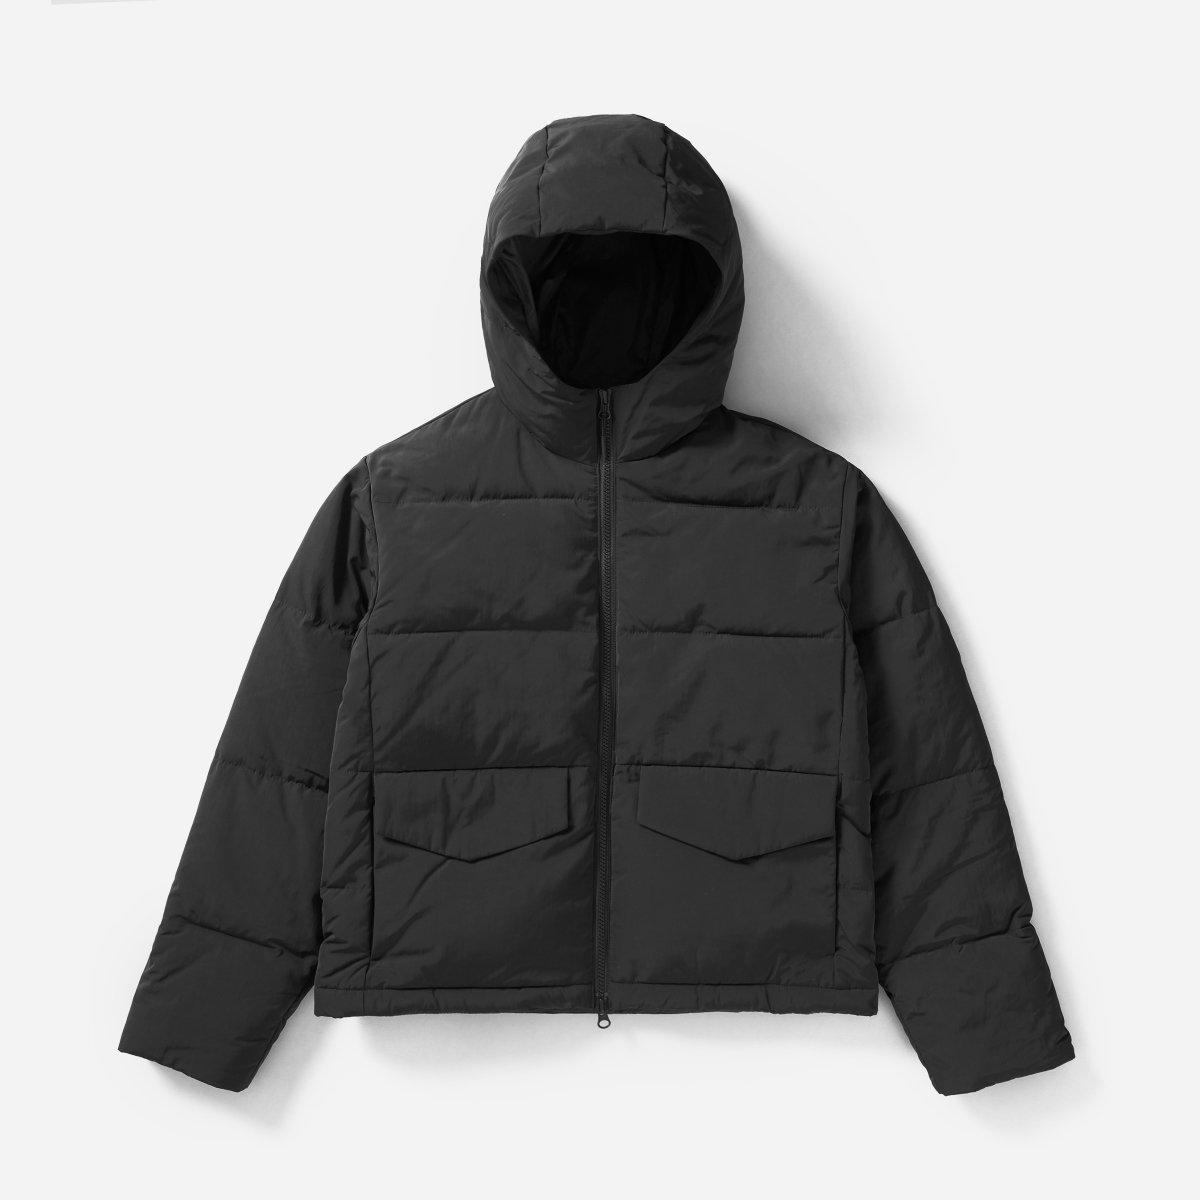 9af23648c The Short Puffer Jacket